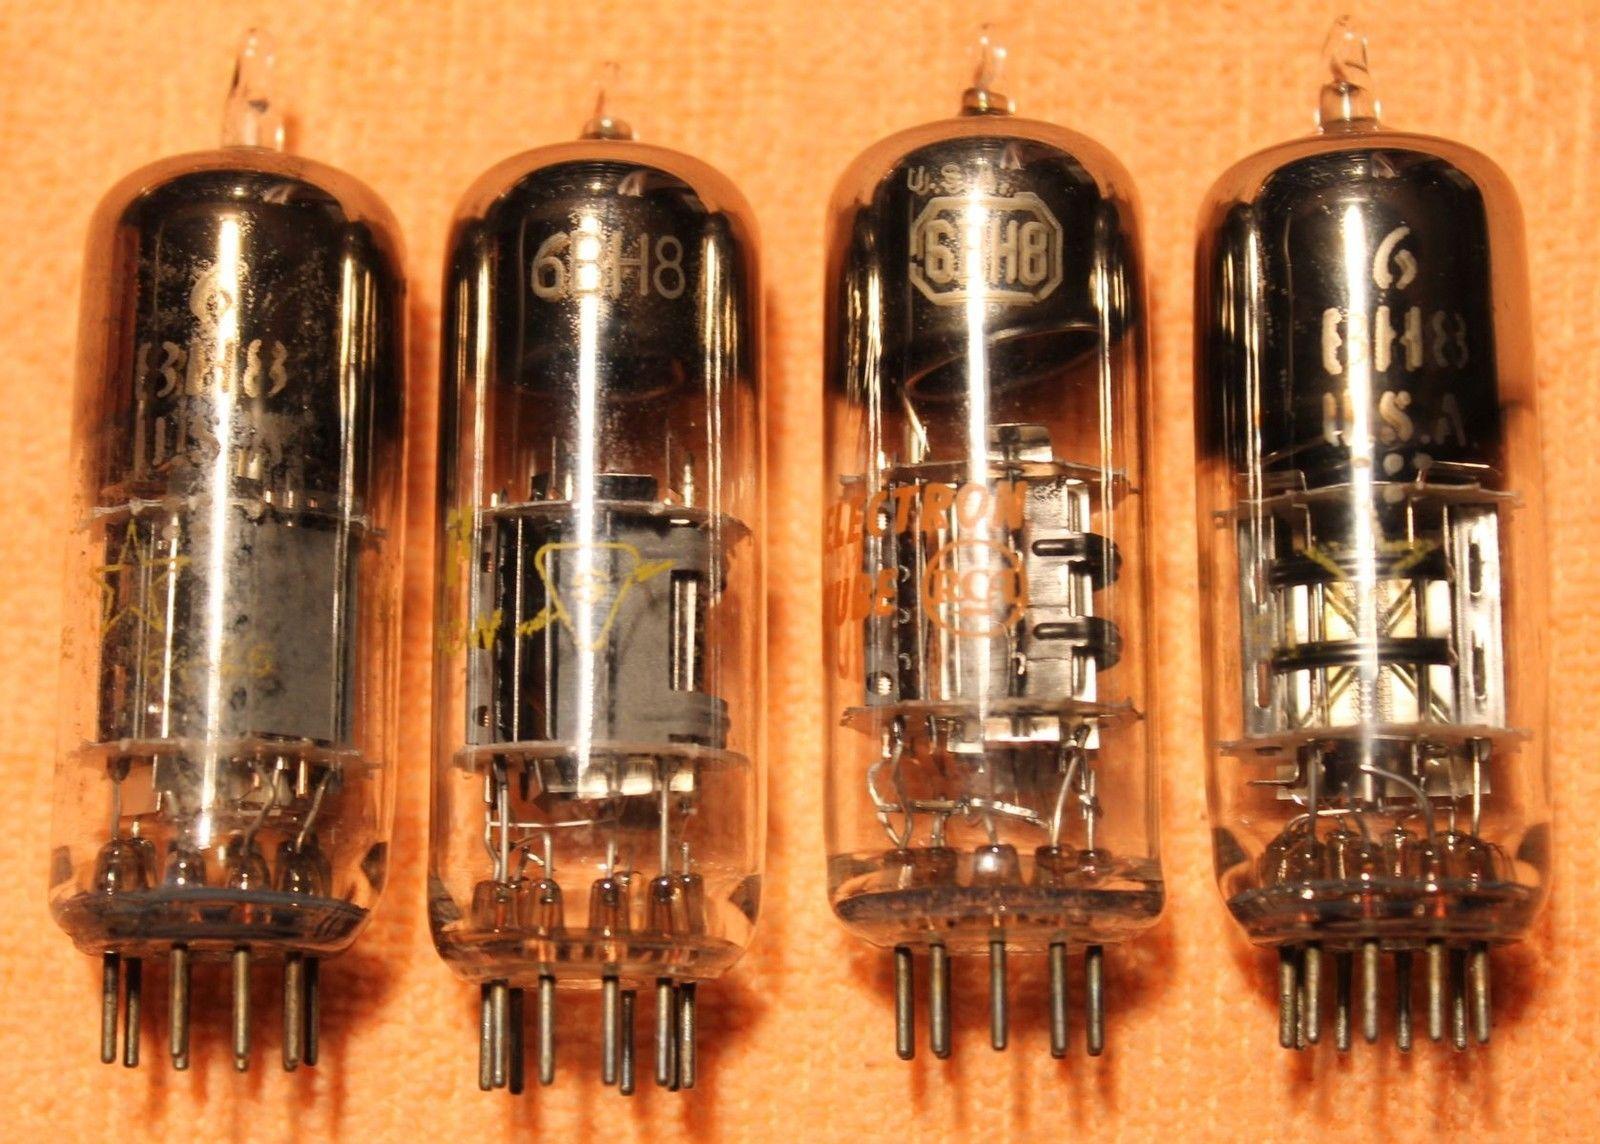 Vintage Radio Vacuum Tube (one): 6BH8 - Tested Good